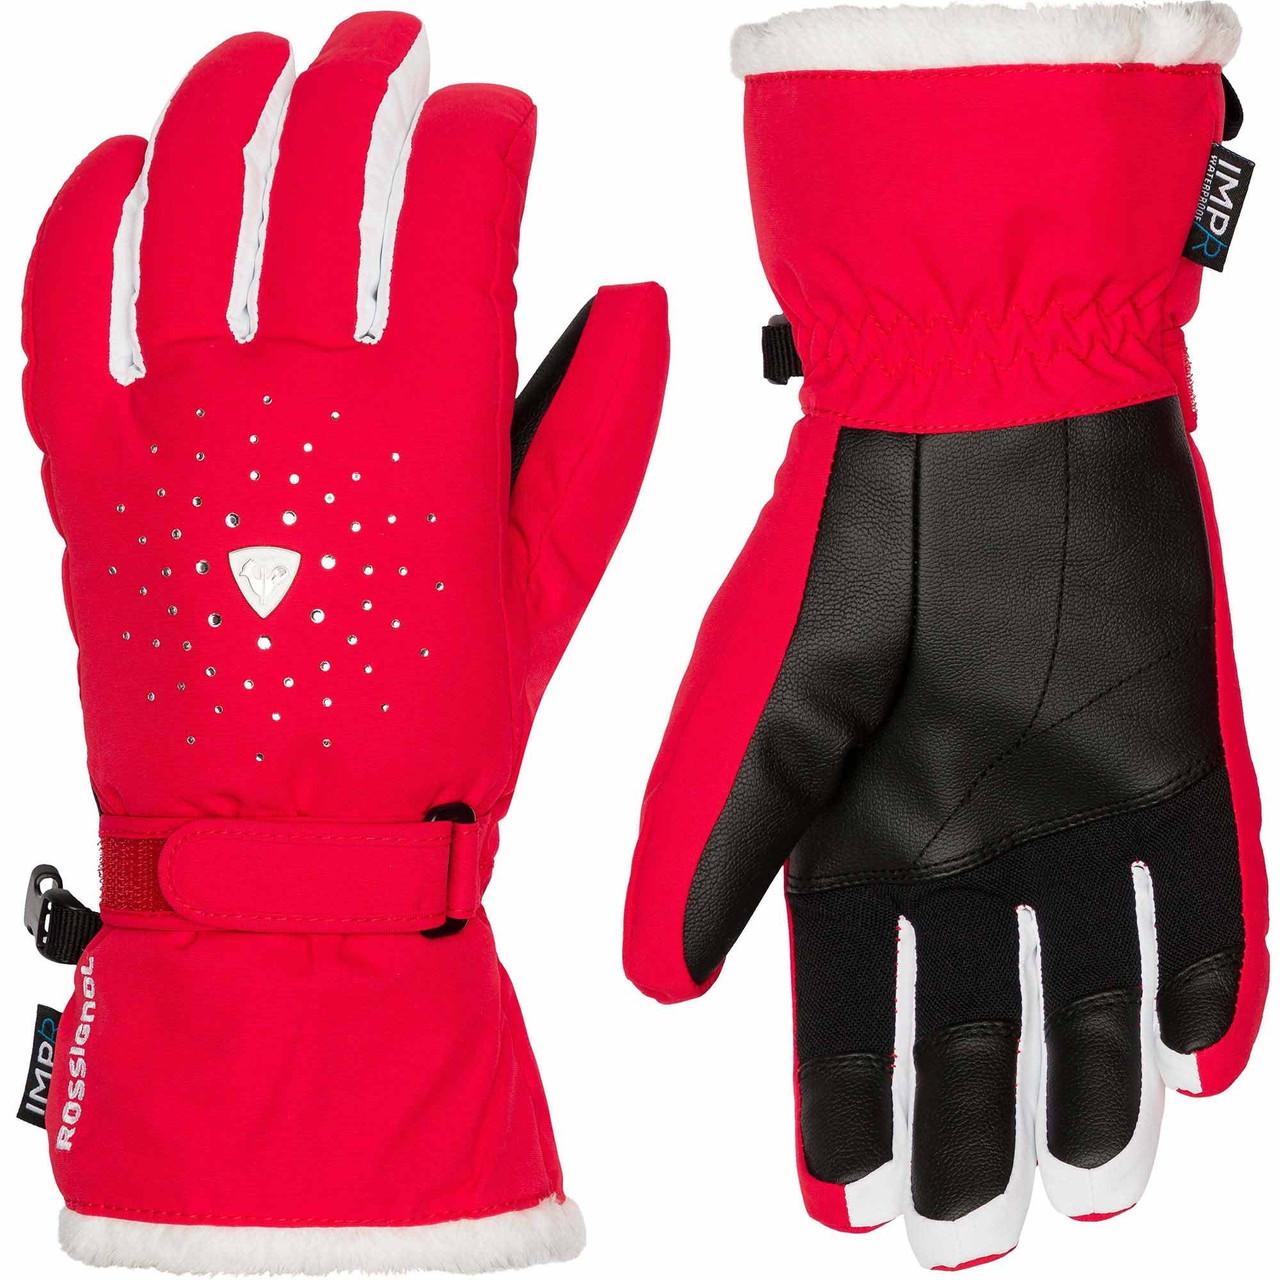 Горнолыжные перчатки ROSSIGNOL W FAMOUS IMPR  р L